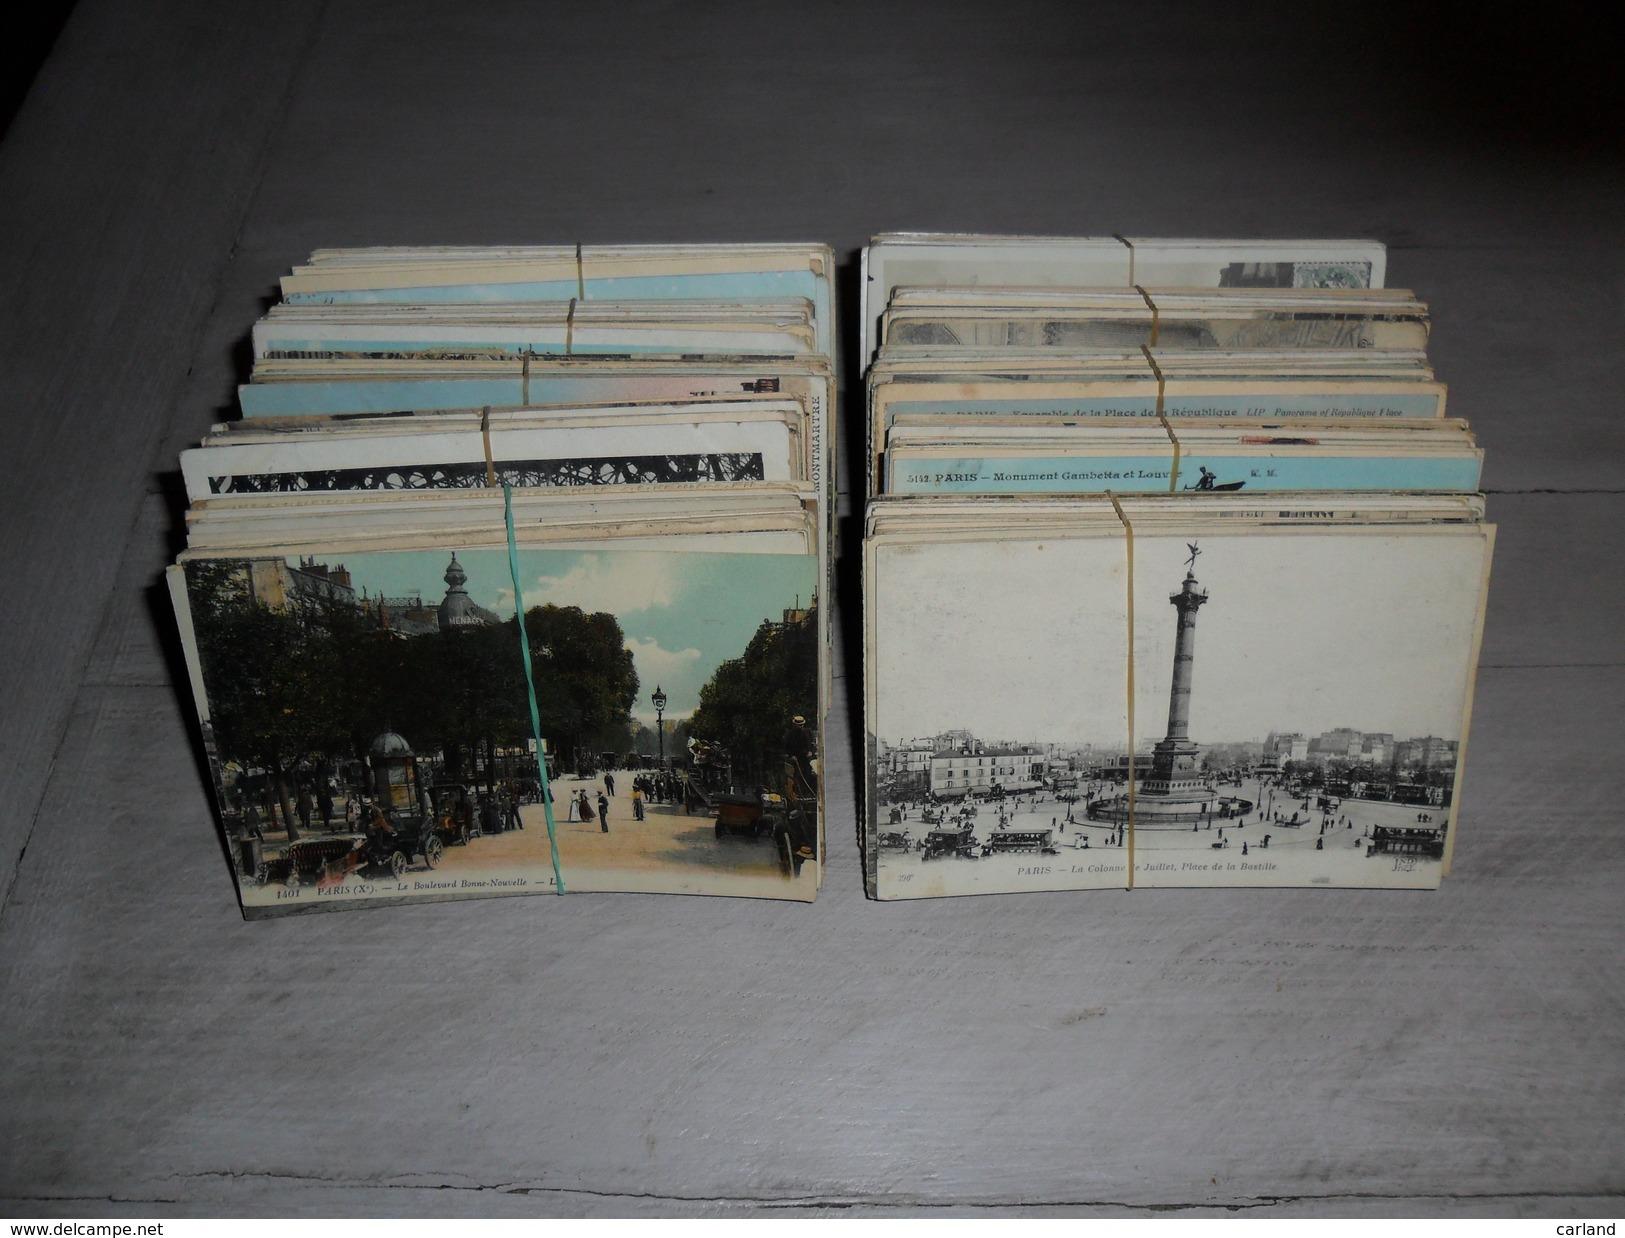 Grand Lot De 500 Cartes Postales France  Paris ( Genre Drouille ) Groot Lot Van 500 Postkaarten Frankrijk Parijs (brol ) - Cartes Postales